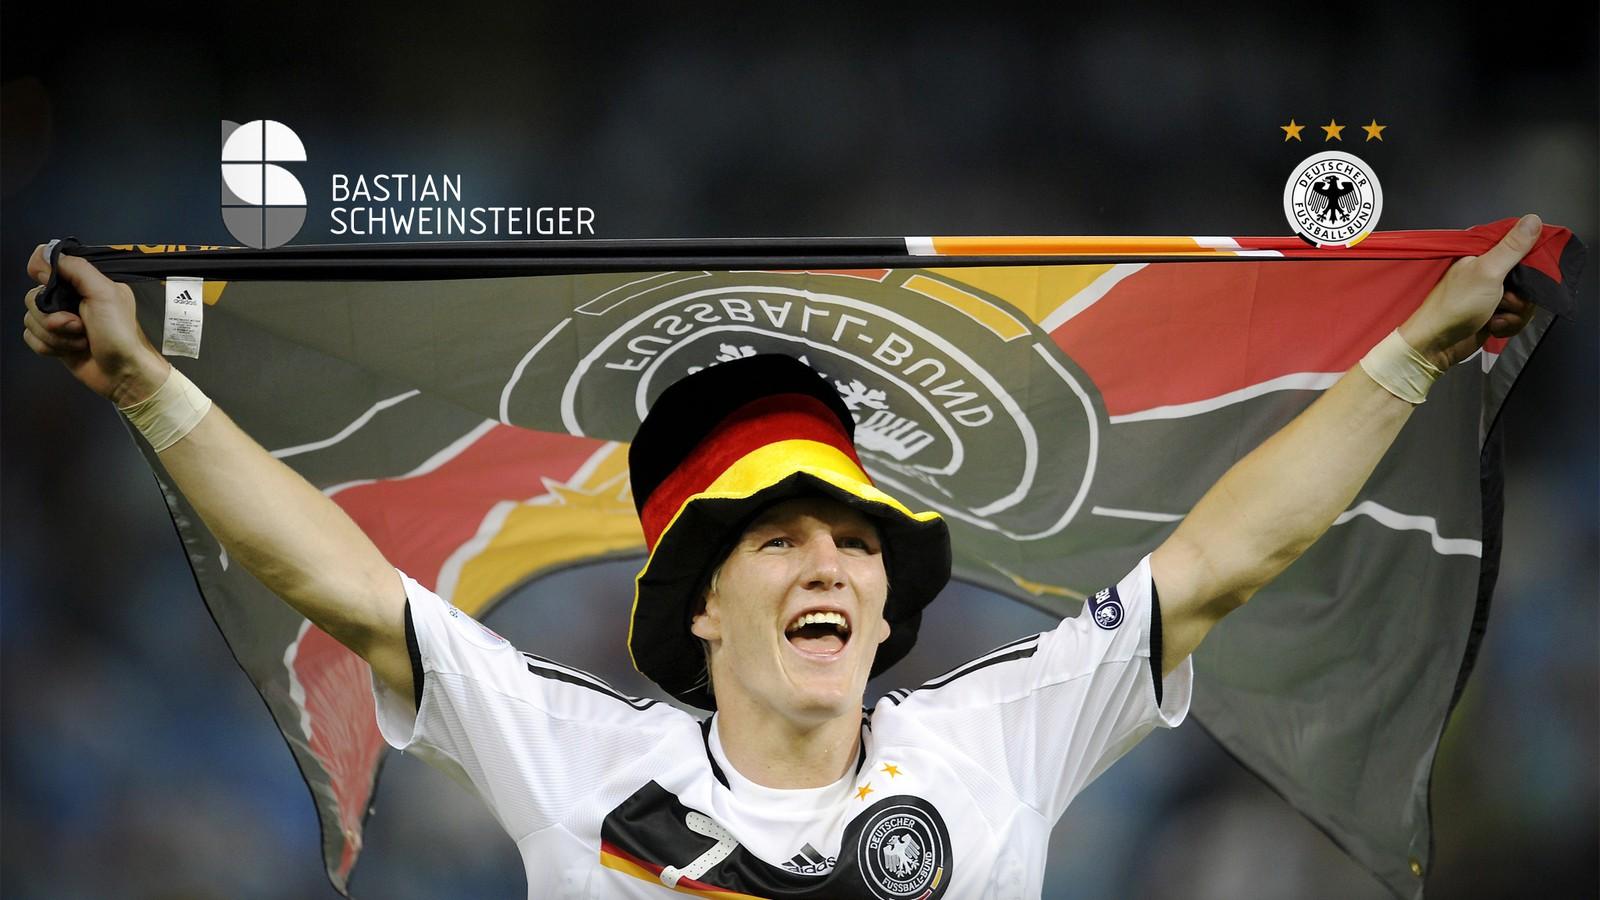 германия спортивные картинки для для